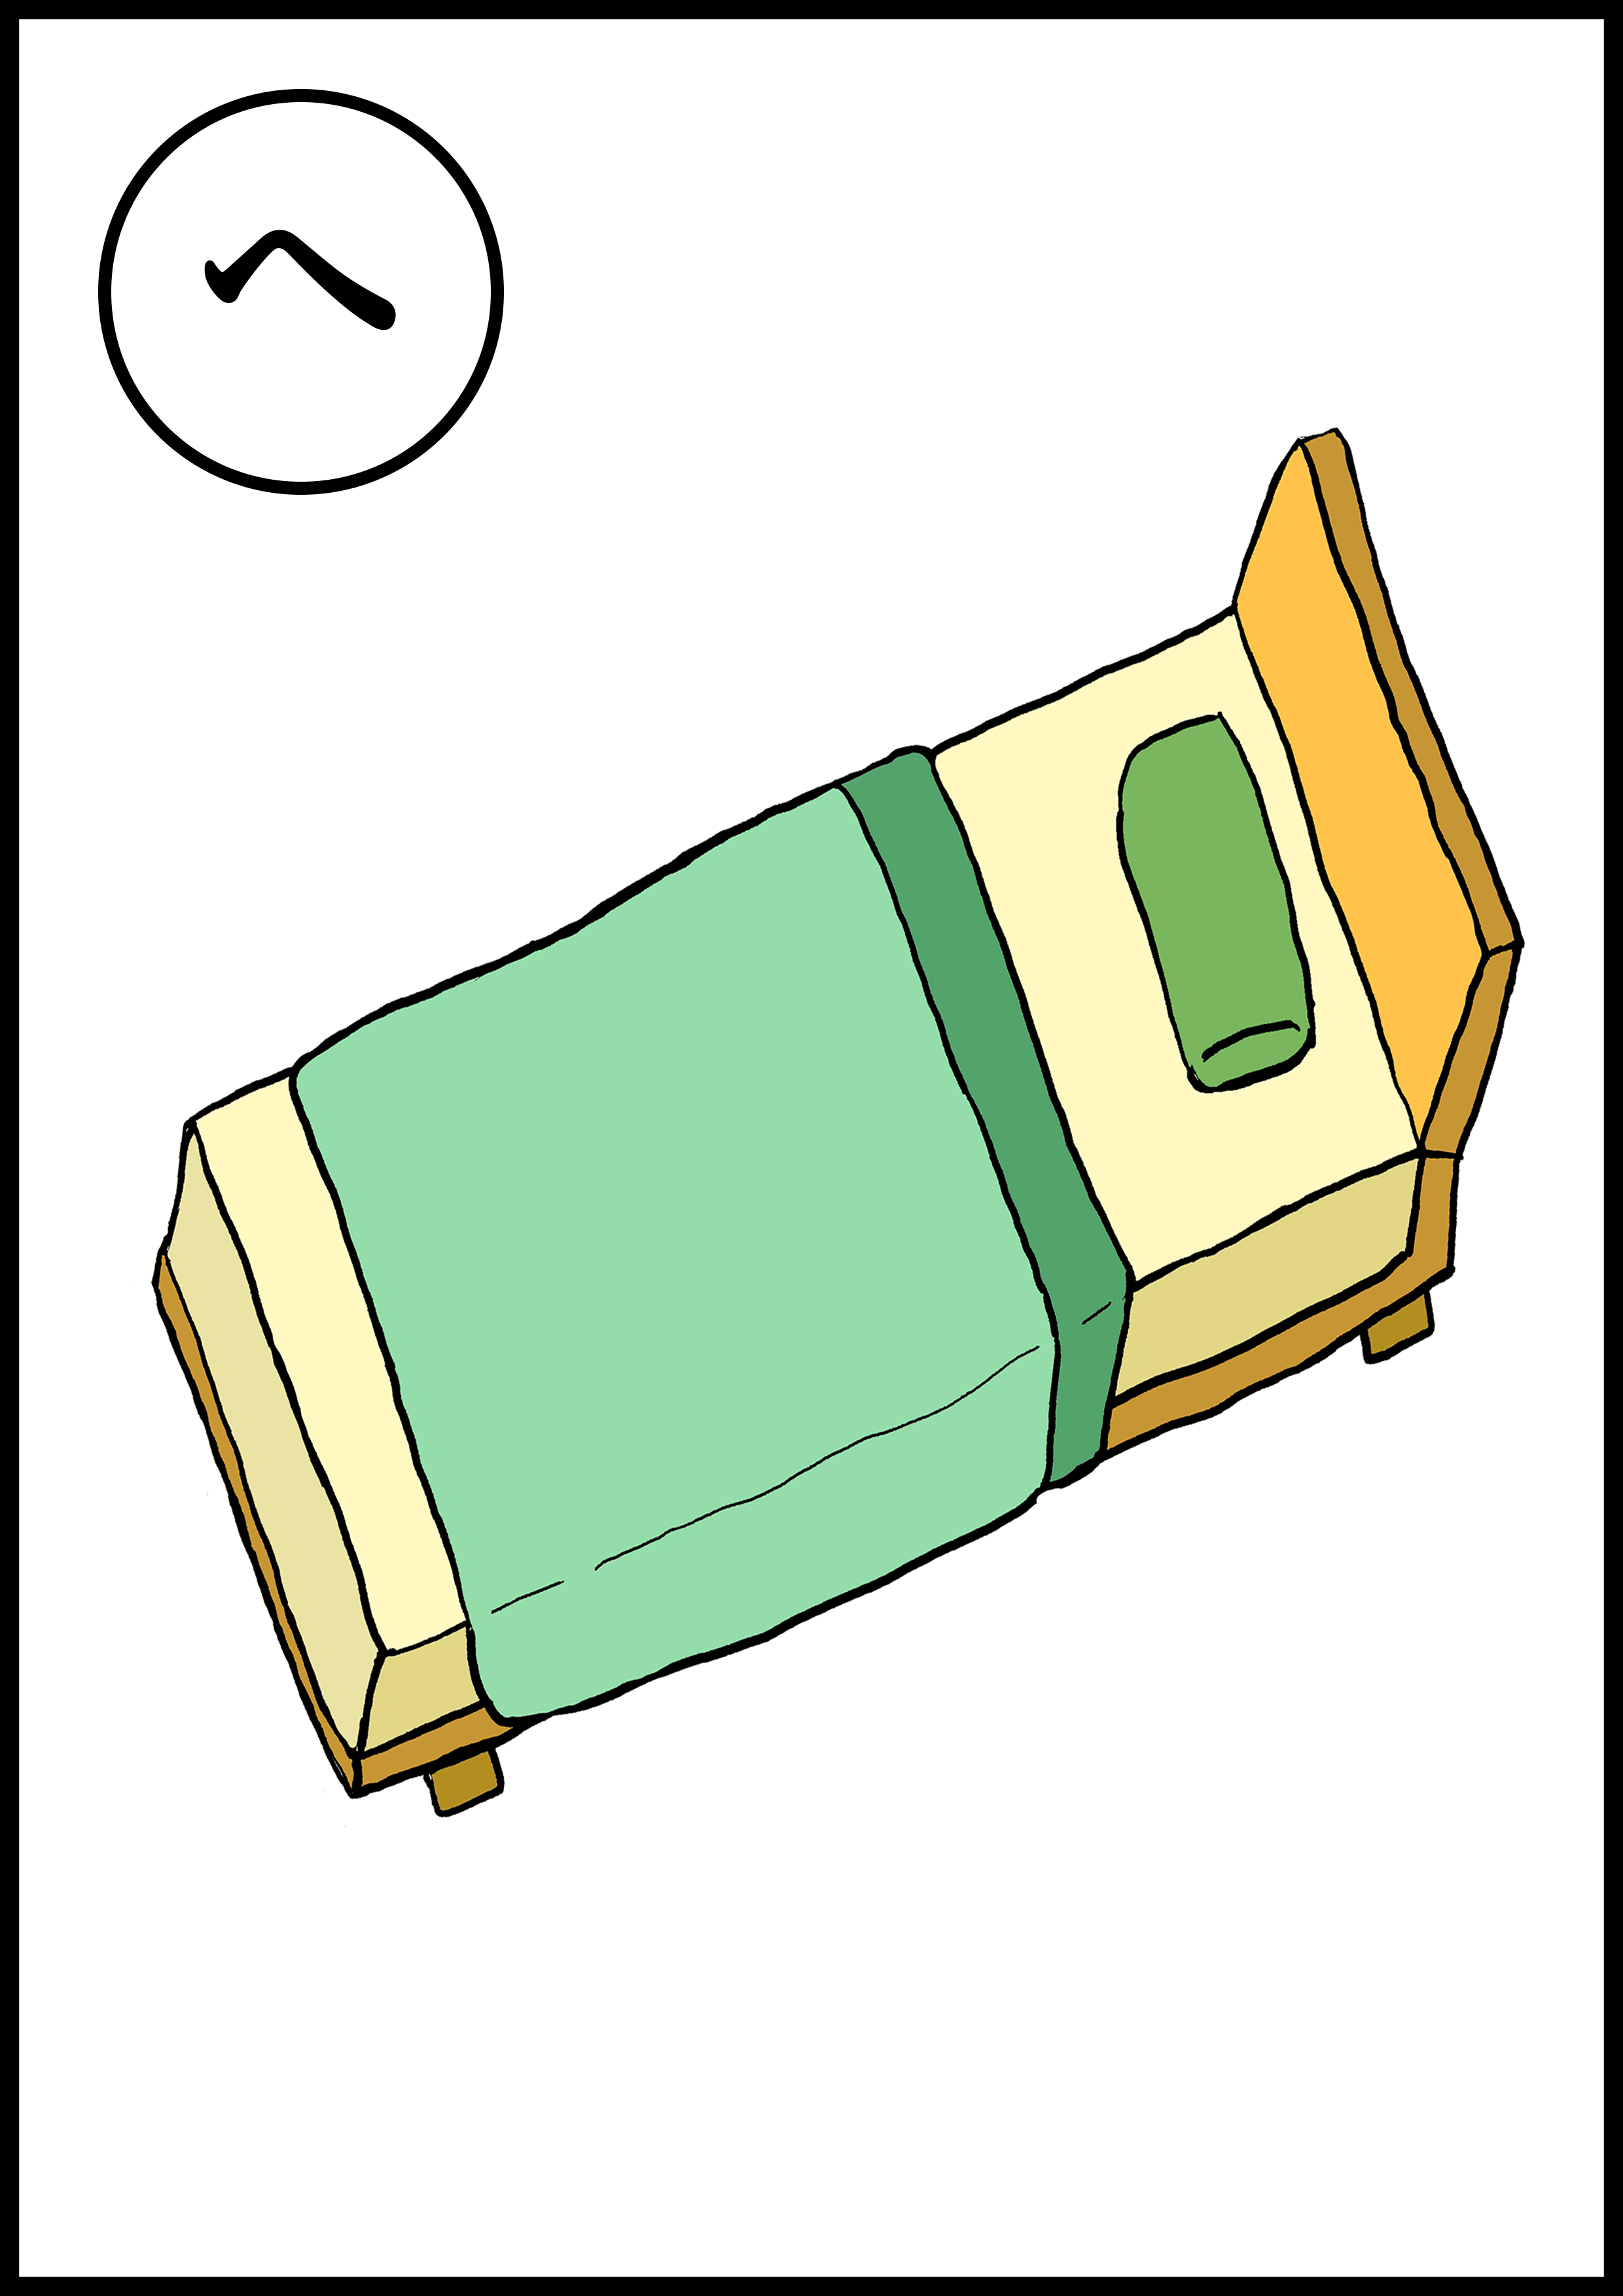 カルタイラスト【ベッド】